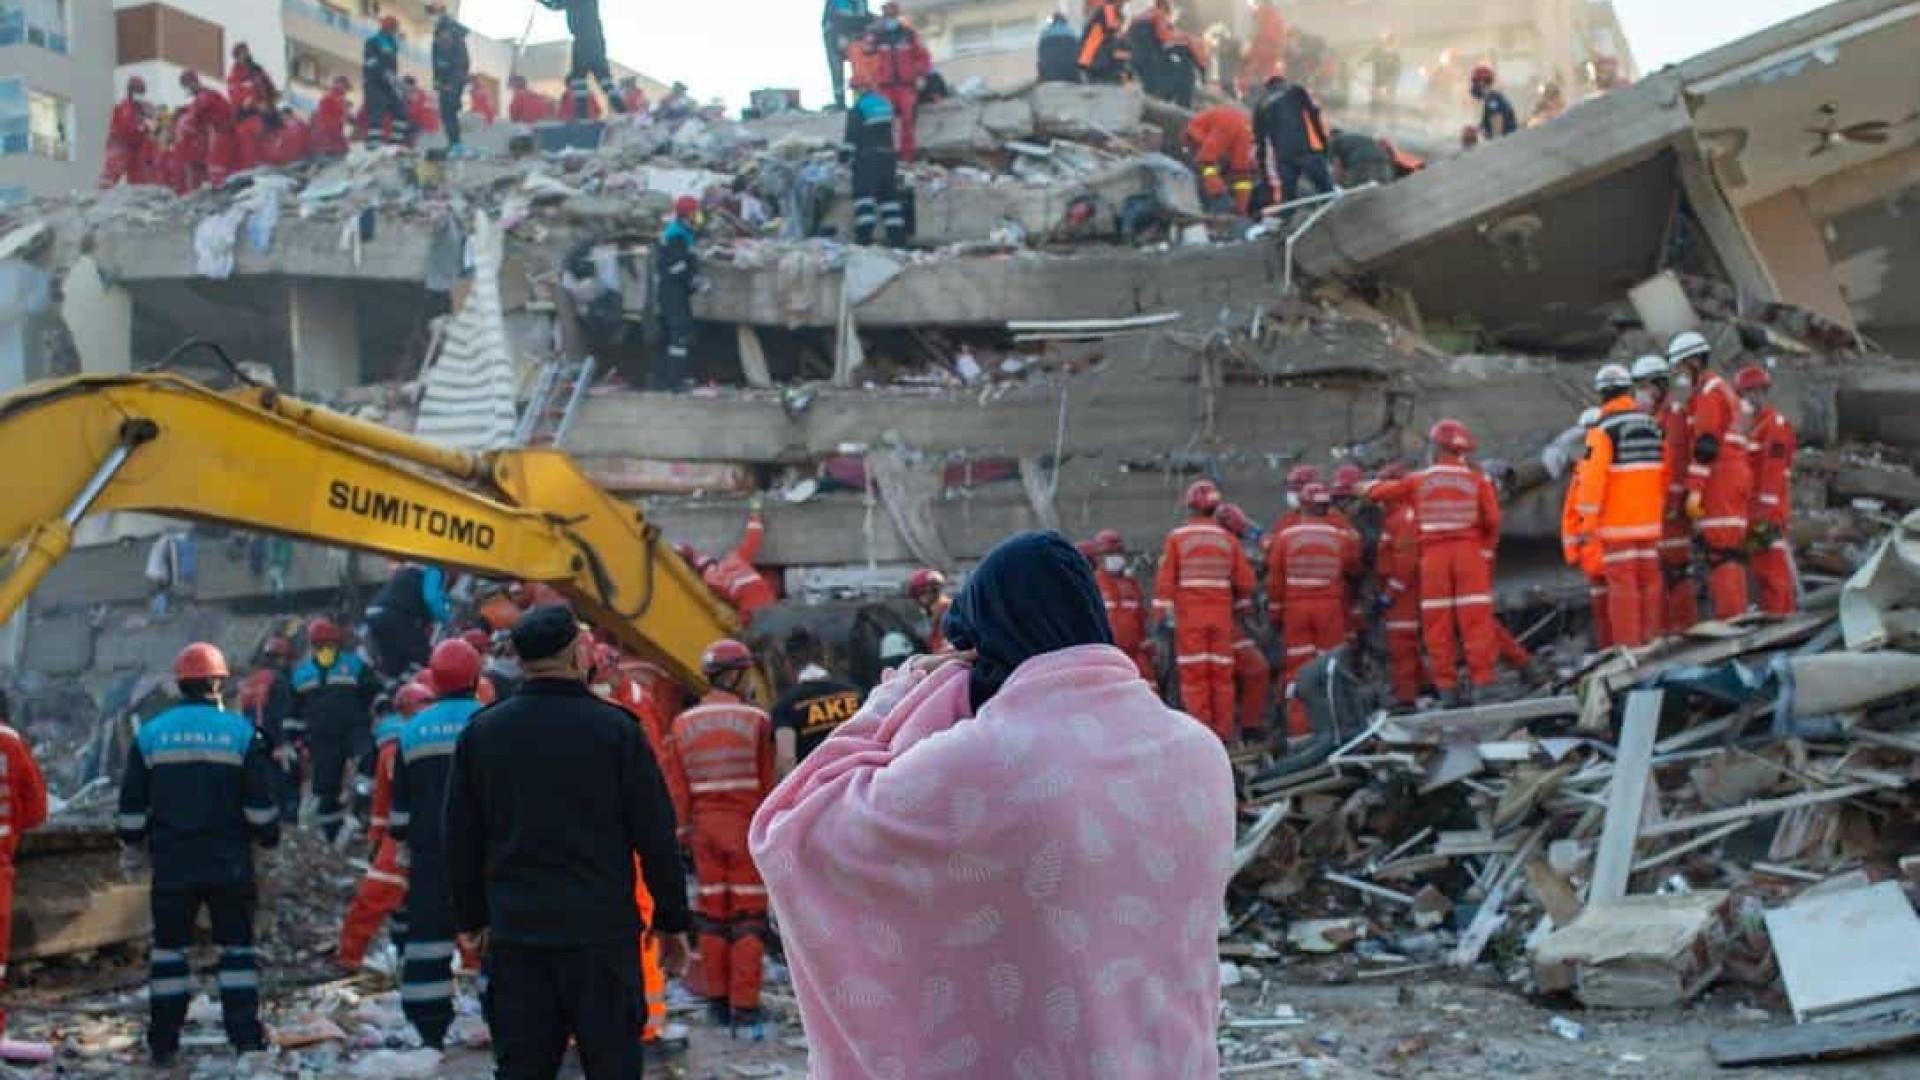 Após quase 18 h, mãe e filhos são resgatados de escombros em cidade turca atingida por terremoto